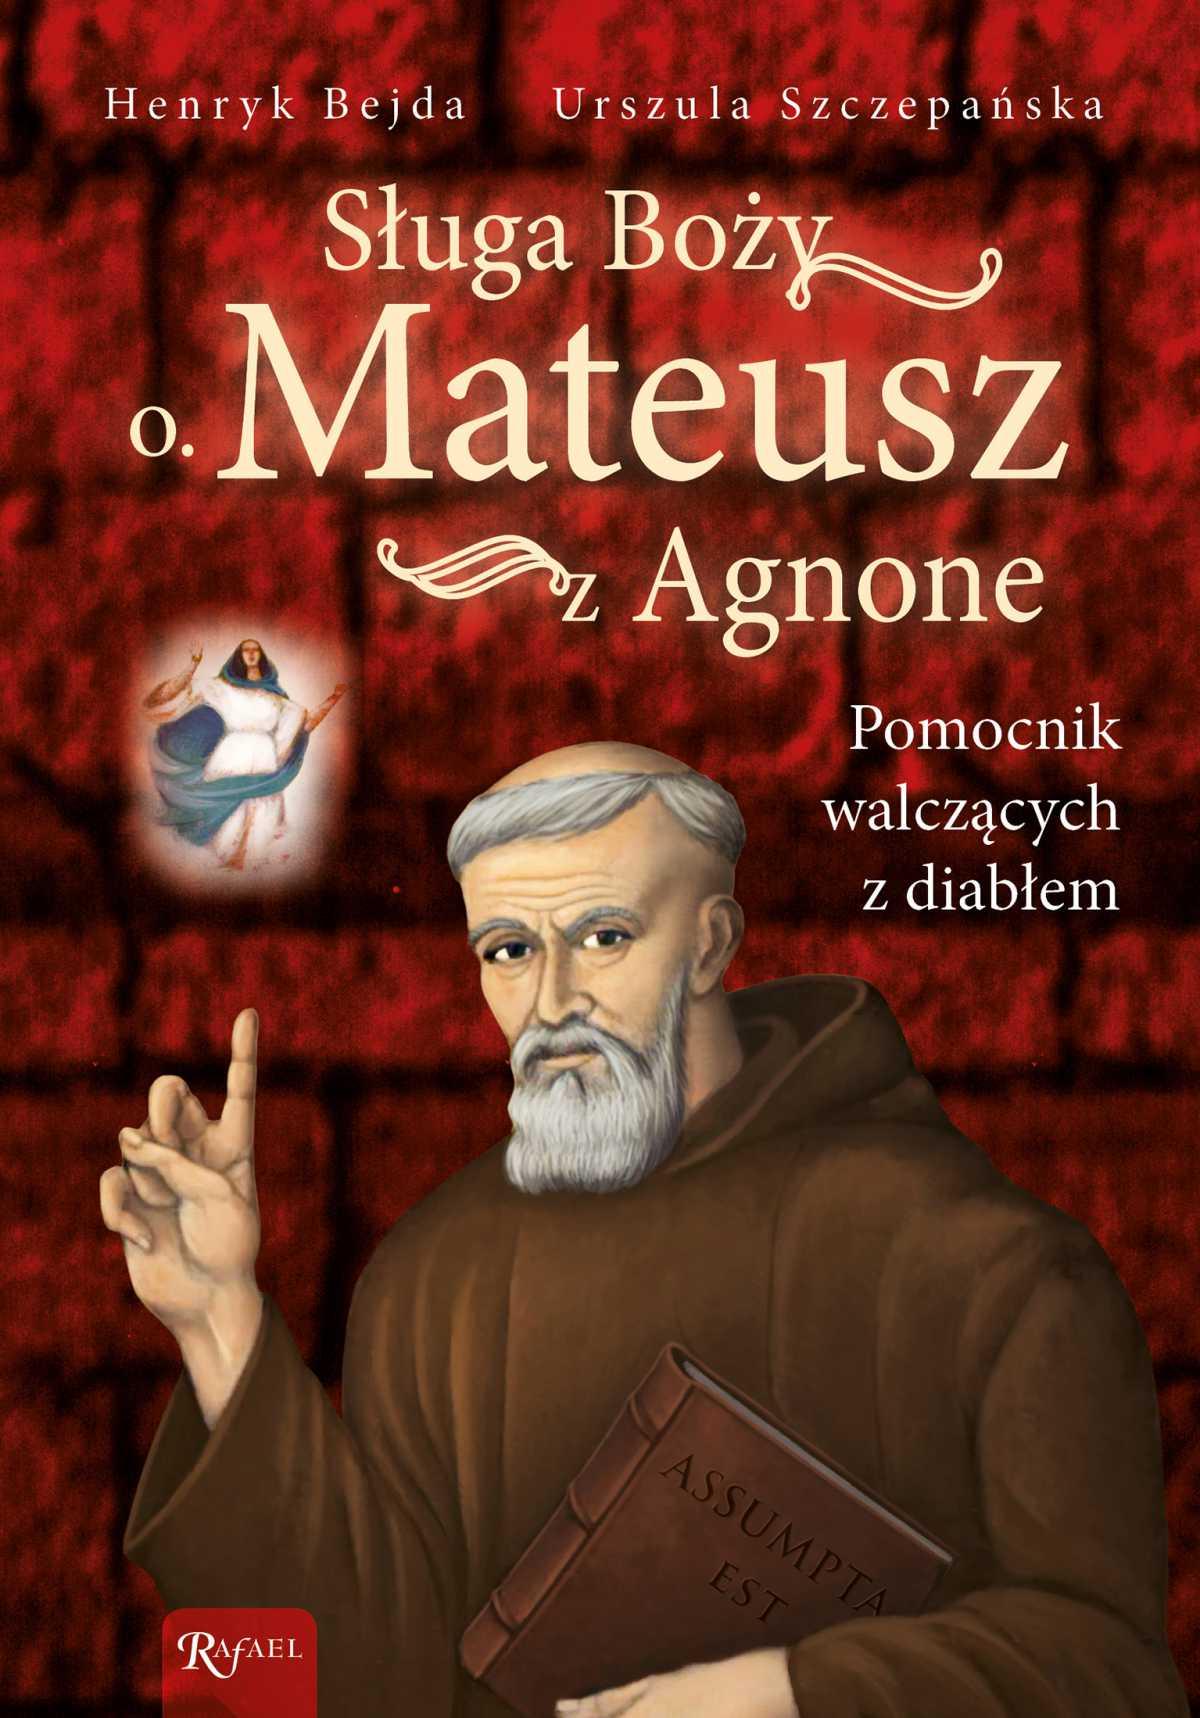 Sługa Boży o. Mateusz z Agnone - Ebook (Książka EPUB) do pobrania w formacie EPUB